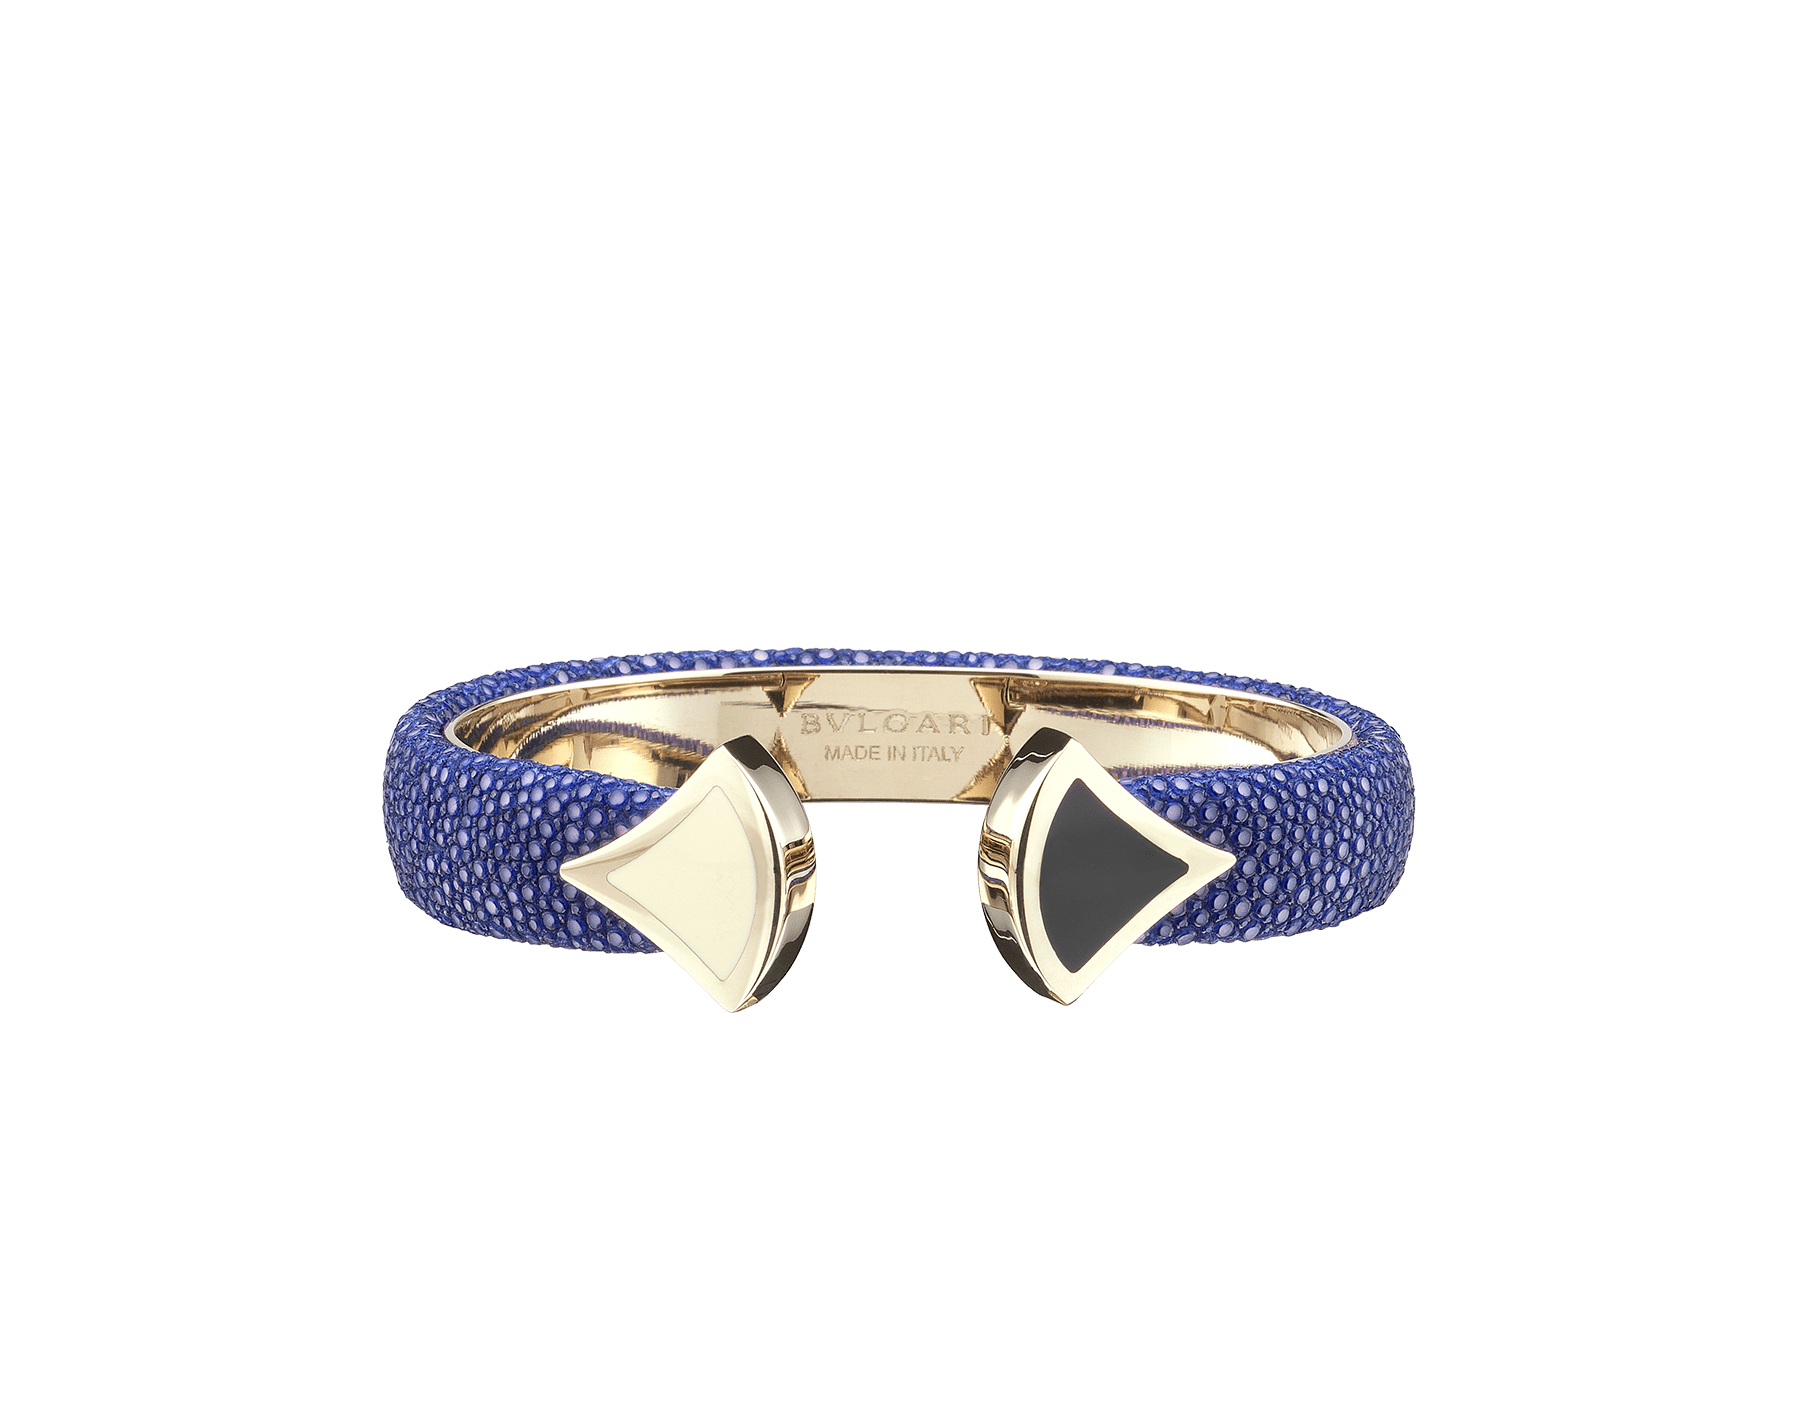 Pulsera de piel de galuchat en color zafiro real con emblemático cierre Contraire con motivo DIVAS' DREAM de latón bañado en oro claro y esmalte blanco y negro. DIVA-CONTRAIR-M image 1